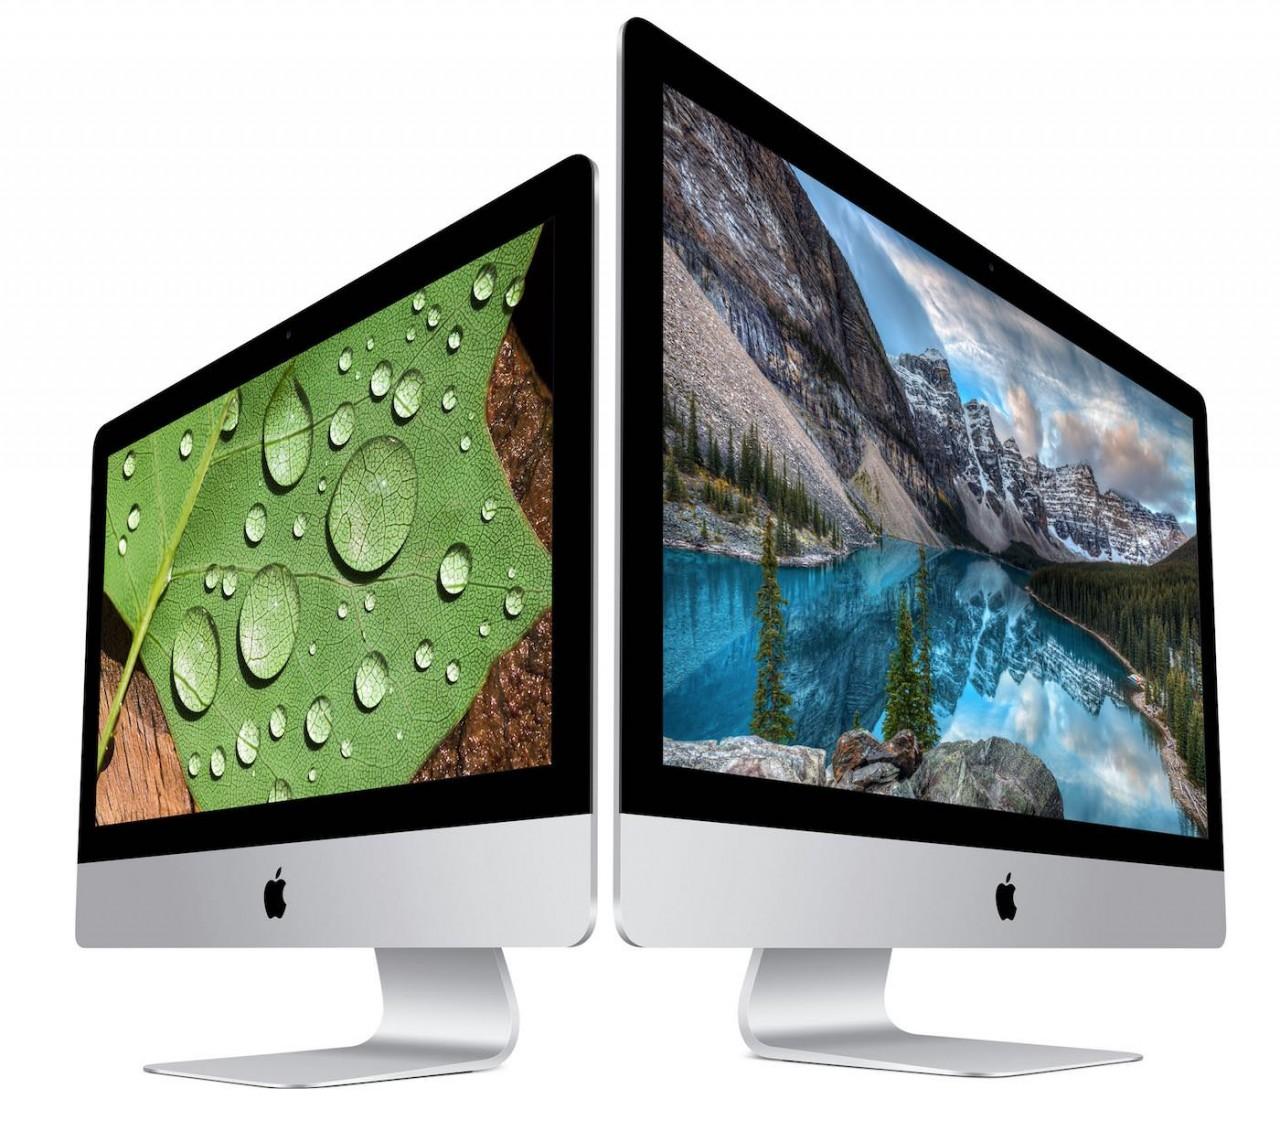 Apple、21.5インチiMac Retina 4Kディスプレイモデルを発表